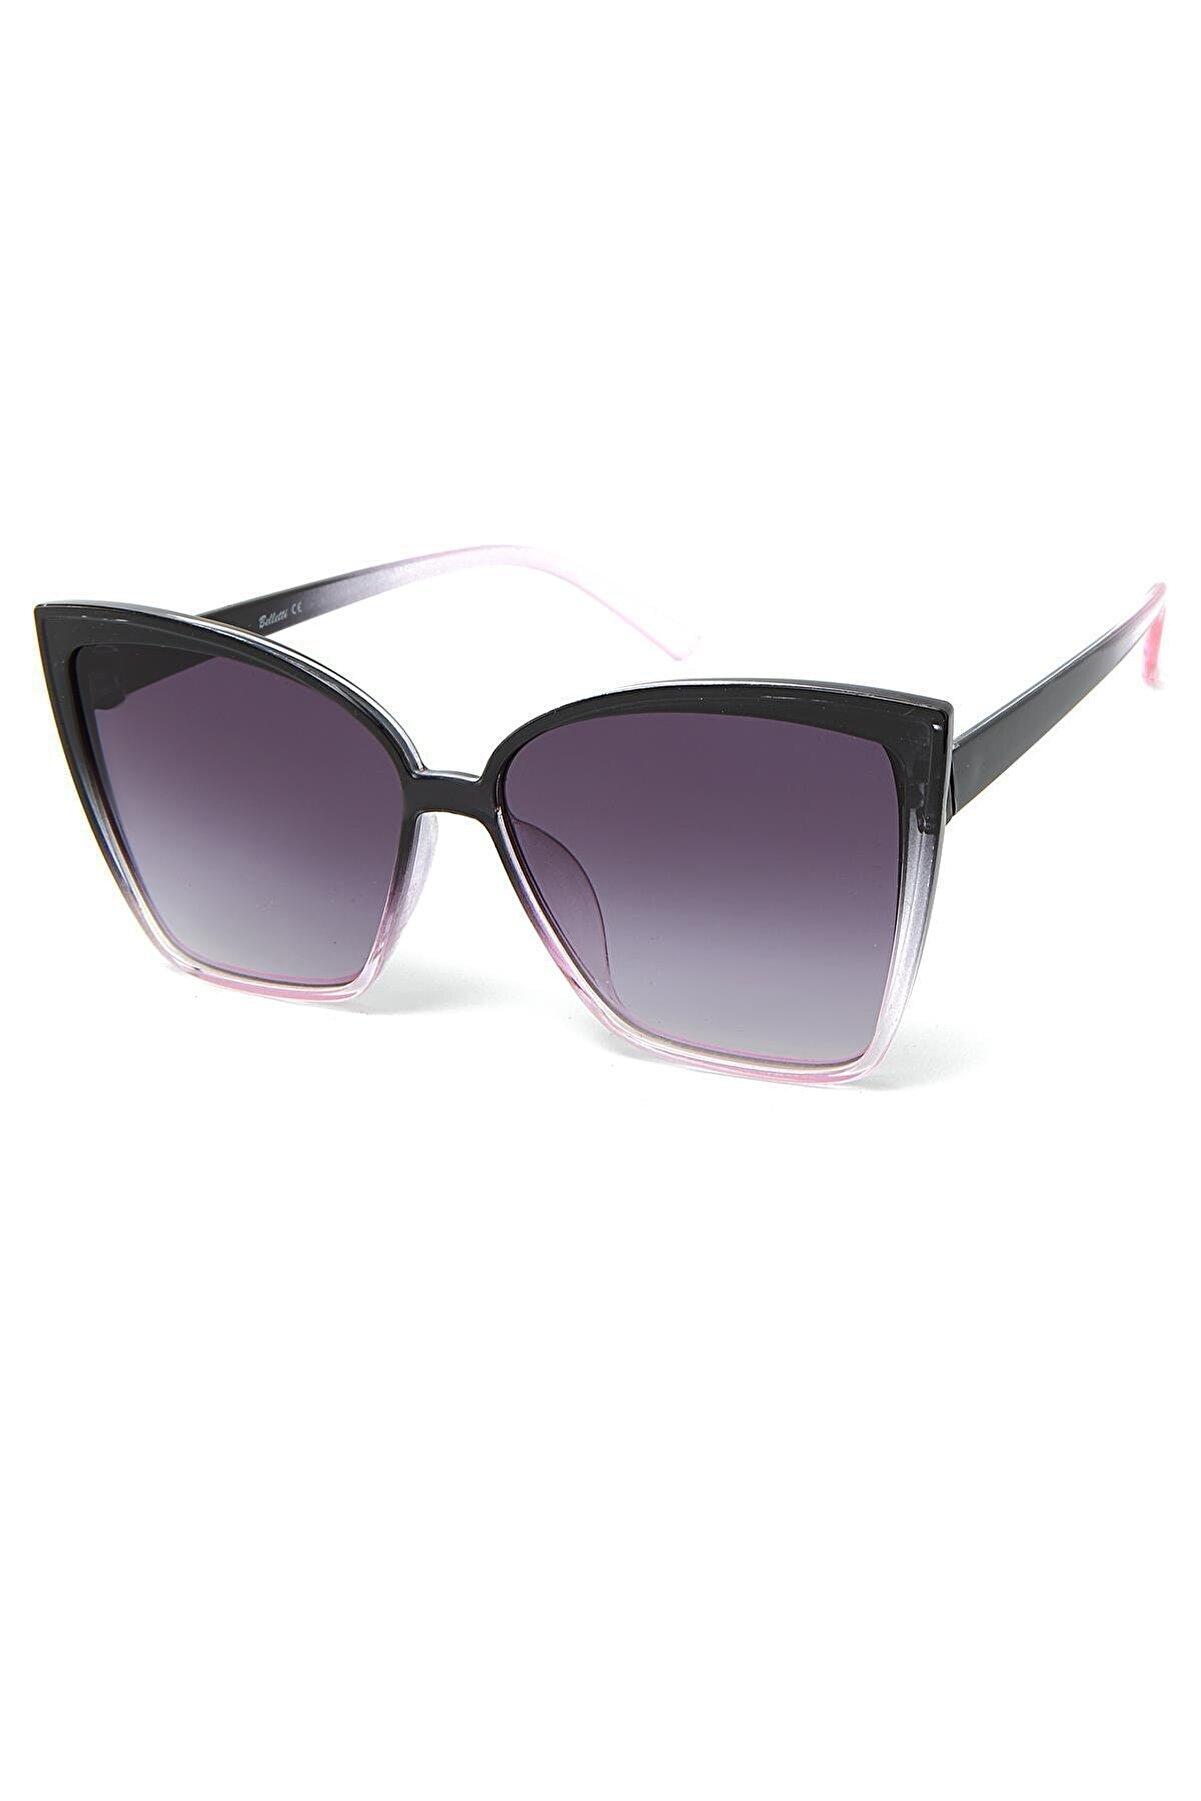 Belletti Kadın Güneş Gözlüğü Blt21157g